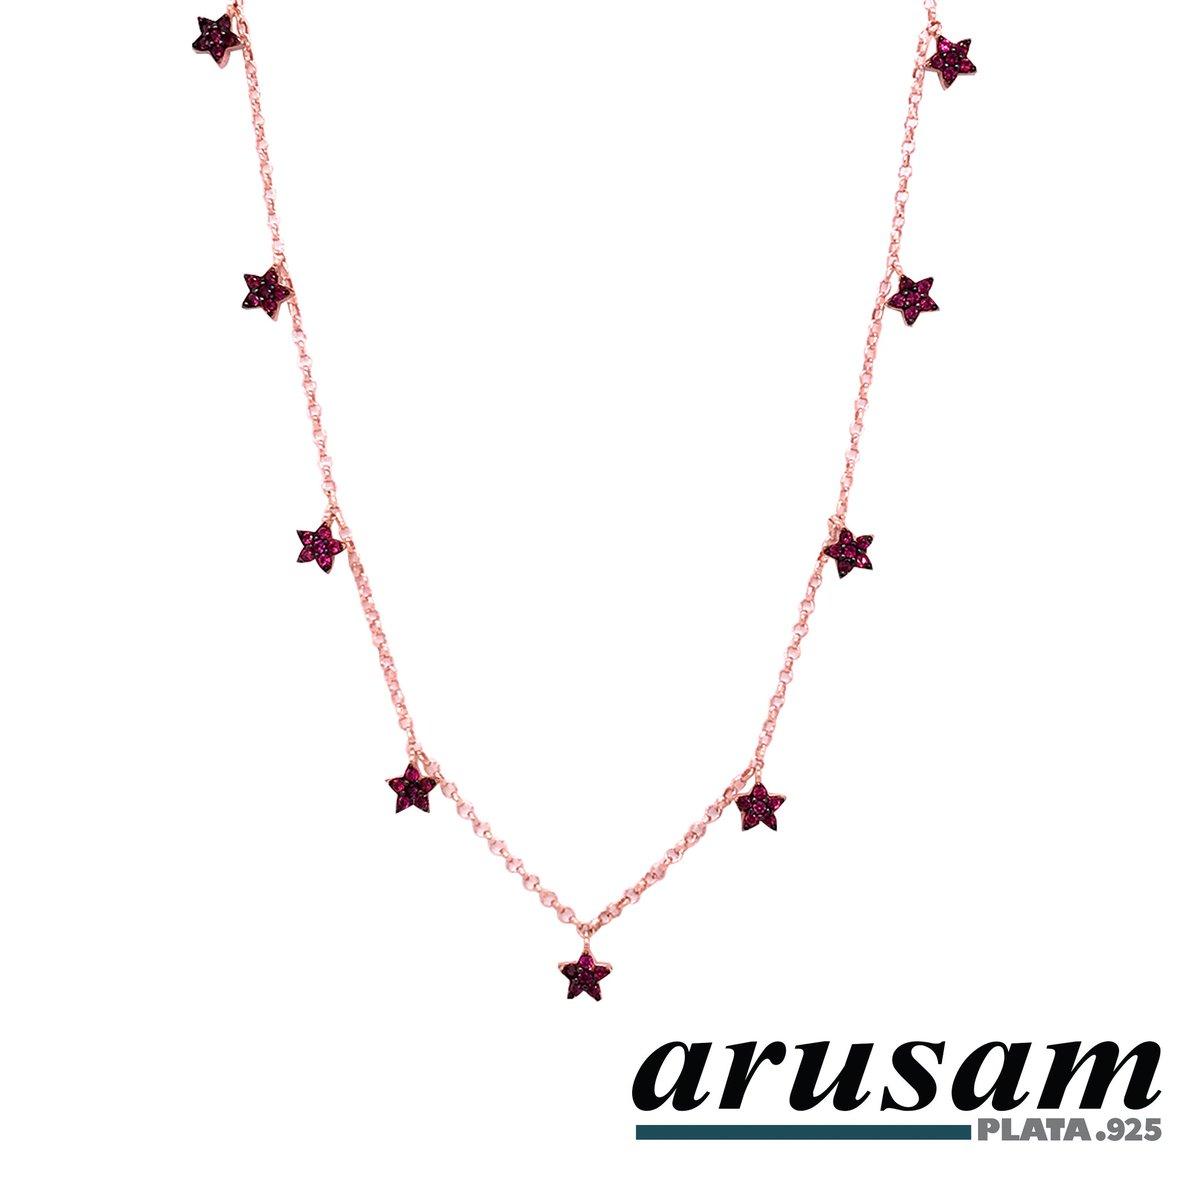 💫Conoce nuestros nuevos collares de plata .925, los amarás como nosotros, ¡No te quedes sin el tuyo!💫 . . . . #QuedateEnCasa #arusam #arusamplata #aretes #anillo #anillos #rings #pulseras #collar #sets #brazalete #brazaletes #México #Turquía #calidad #mayoreo https://t.co/qi2v3SqiyB